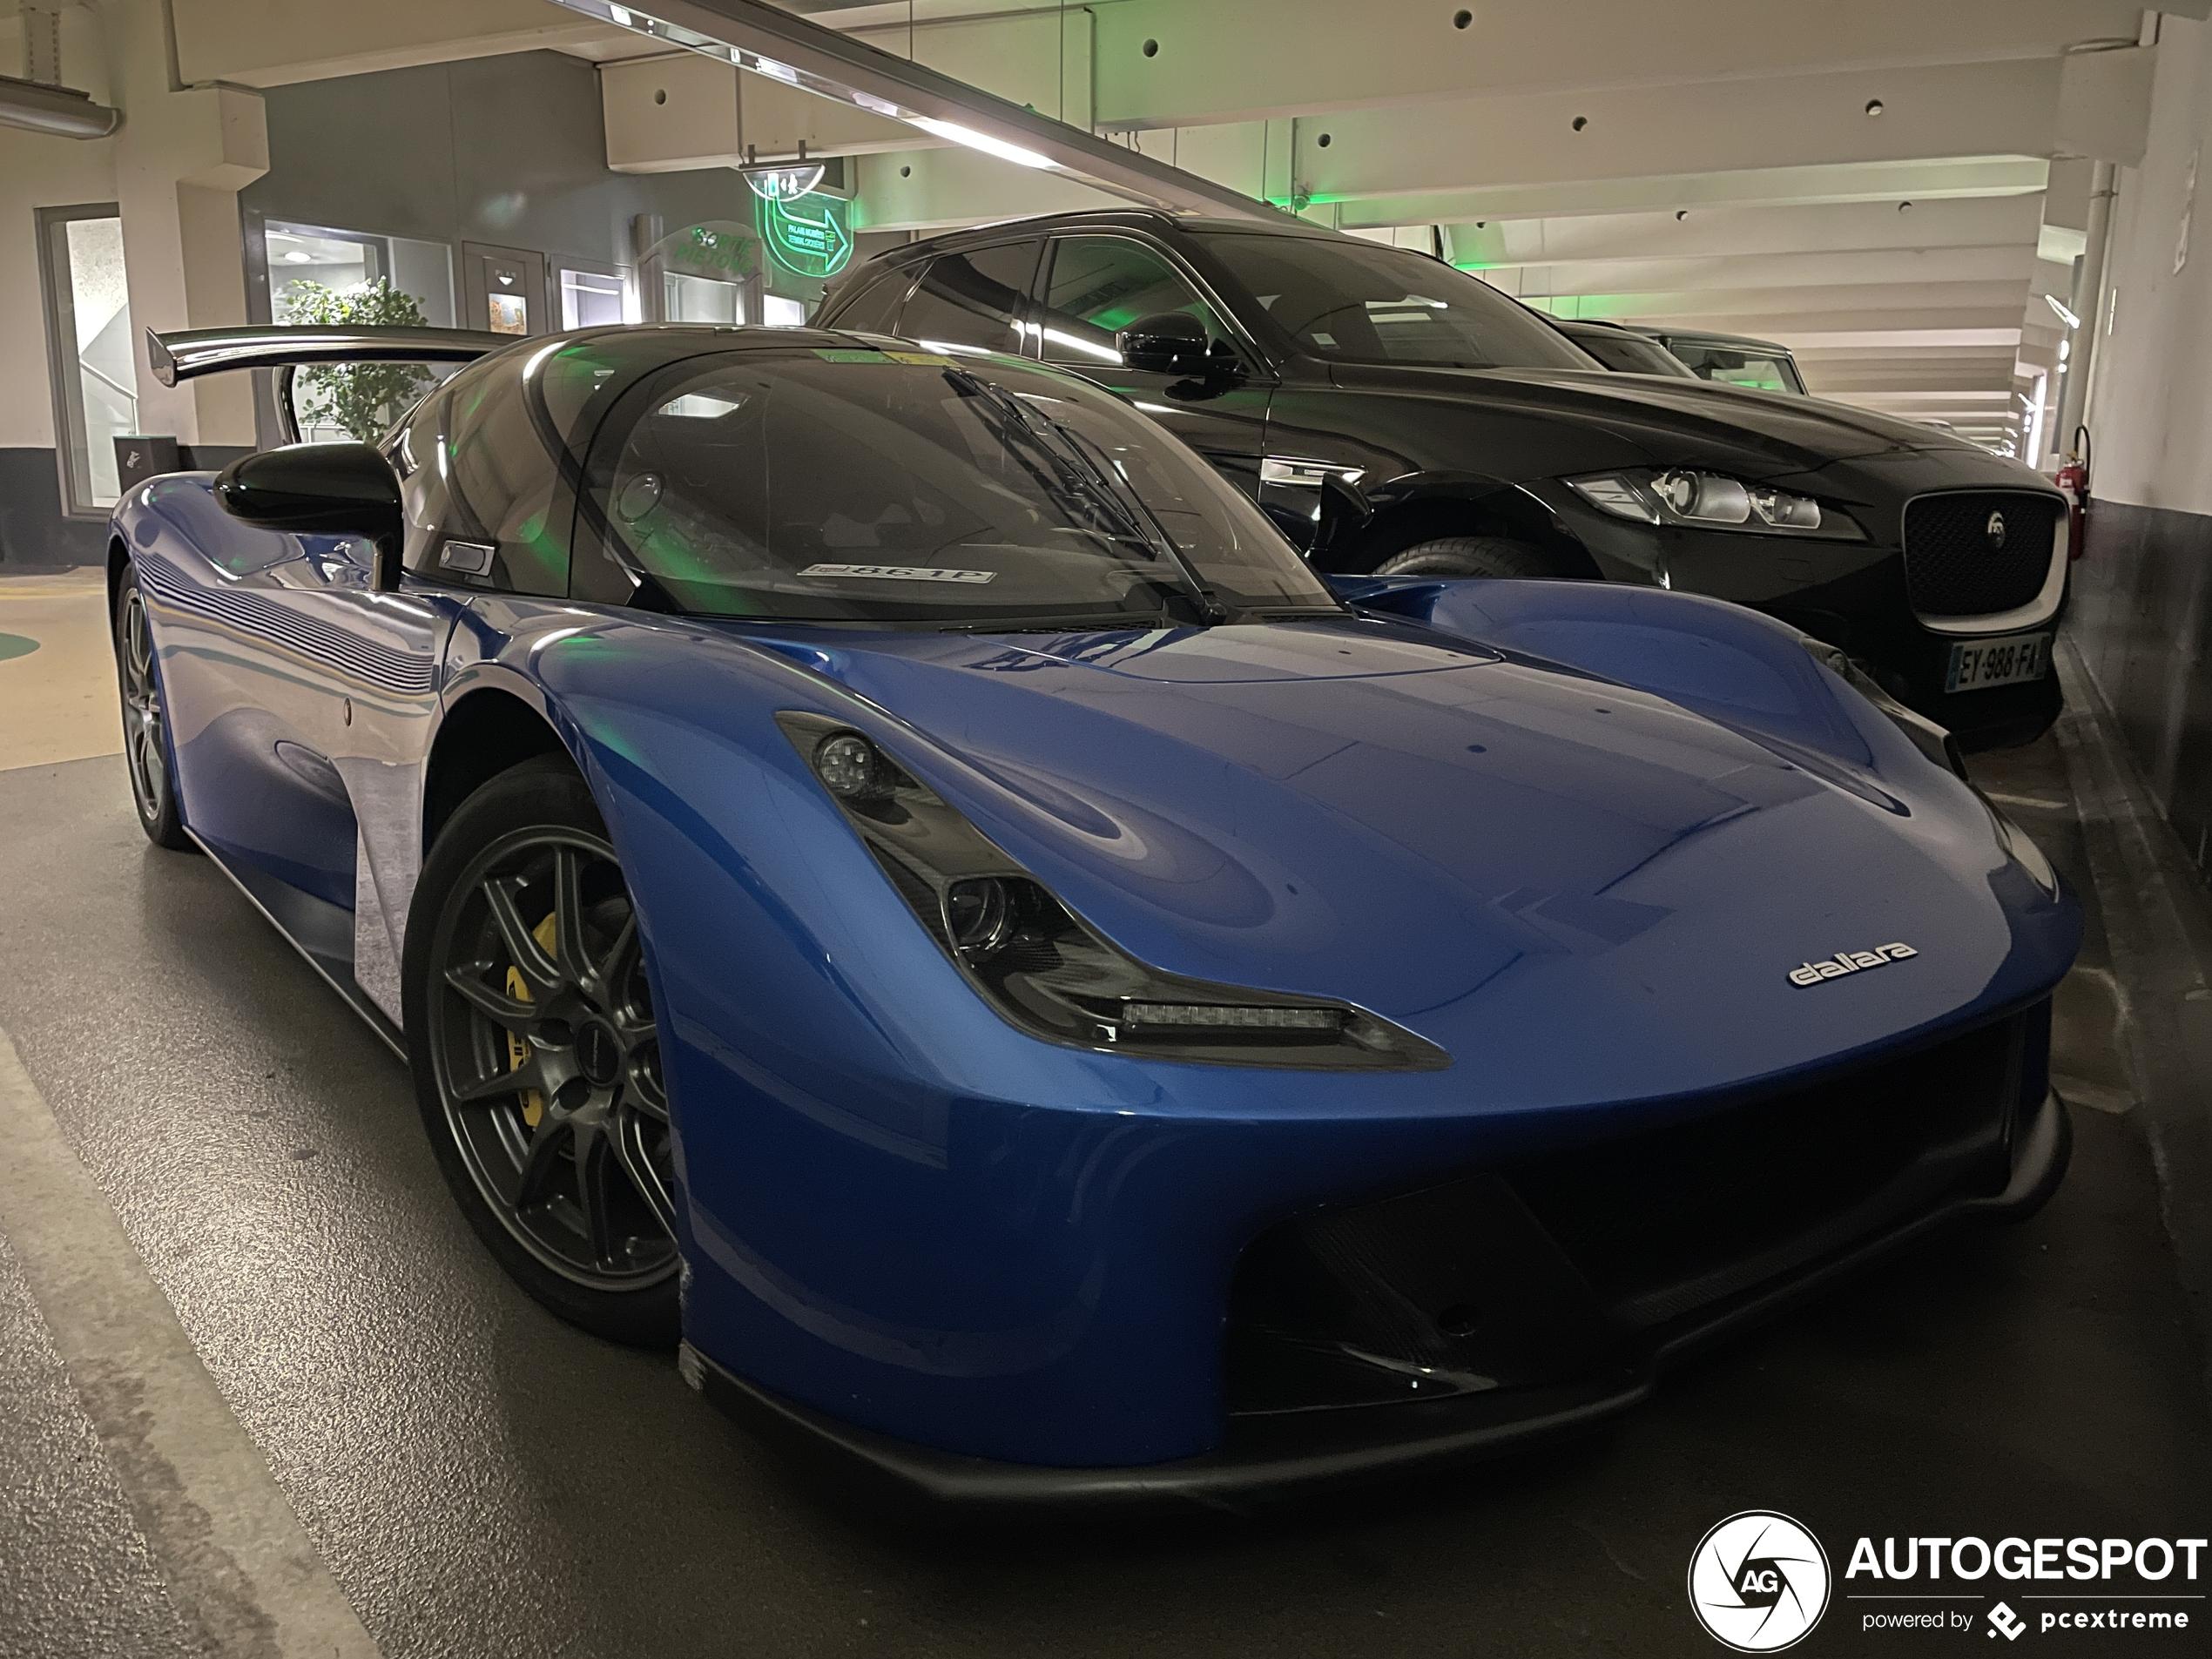 Dallara Stradale wordt over het hoofd gezien in Monaco